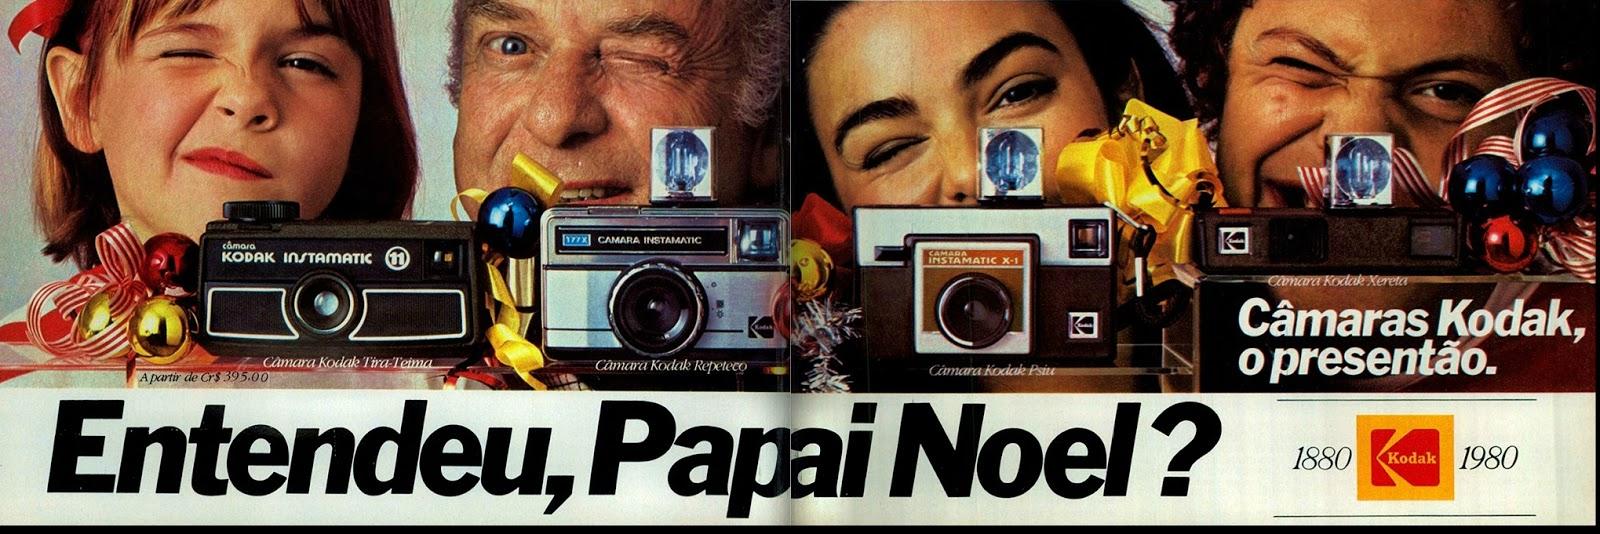 Propaganda antiga da Kodak apresentando sugestões de presente para o Natal de 1979